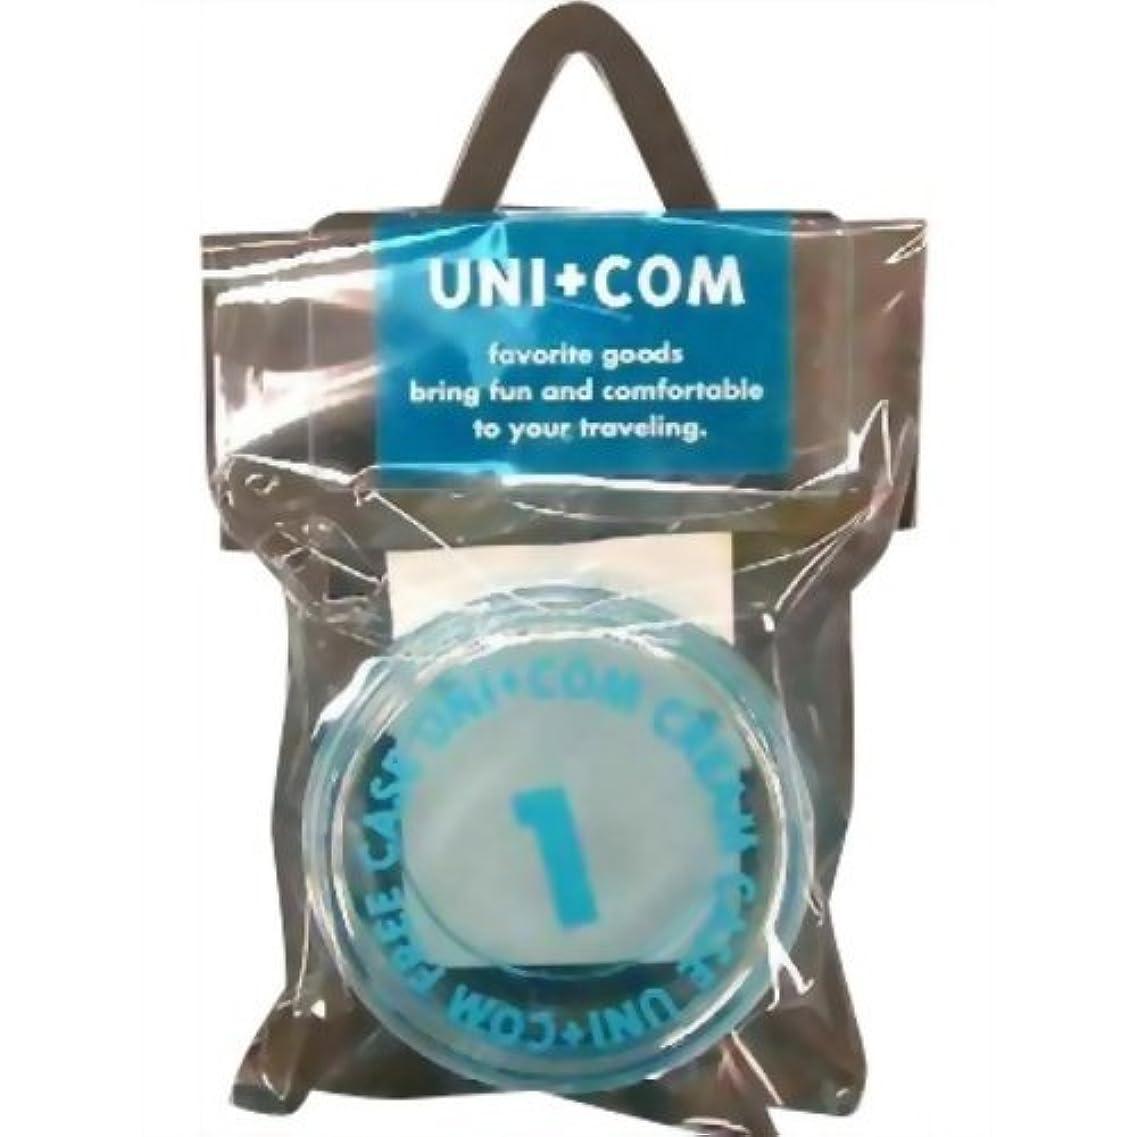 キャビンカーペット羊のユニコム クリームケース 22g ブルー